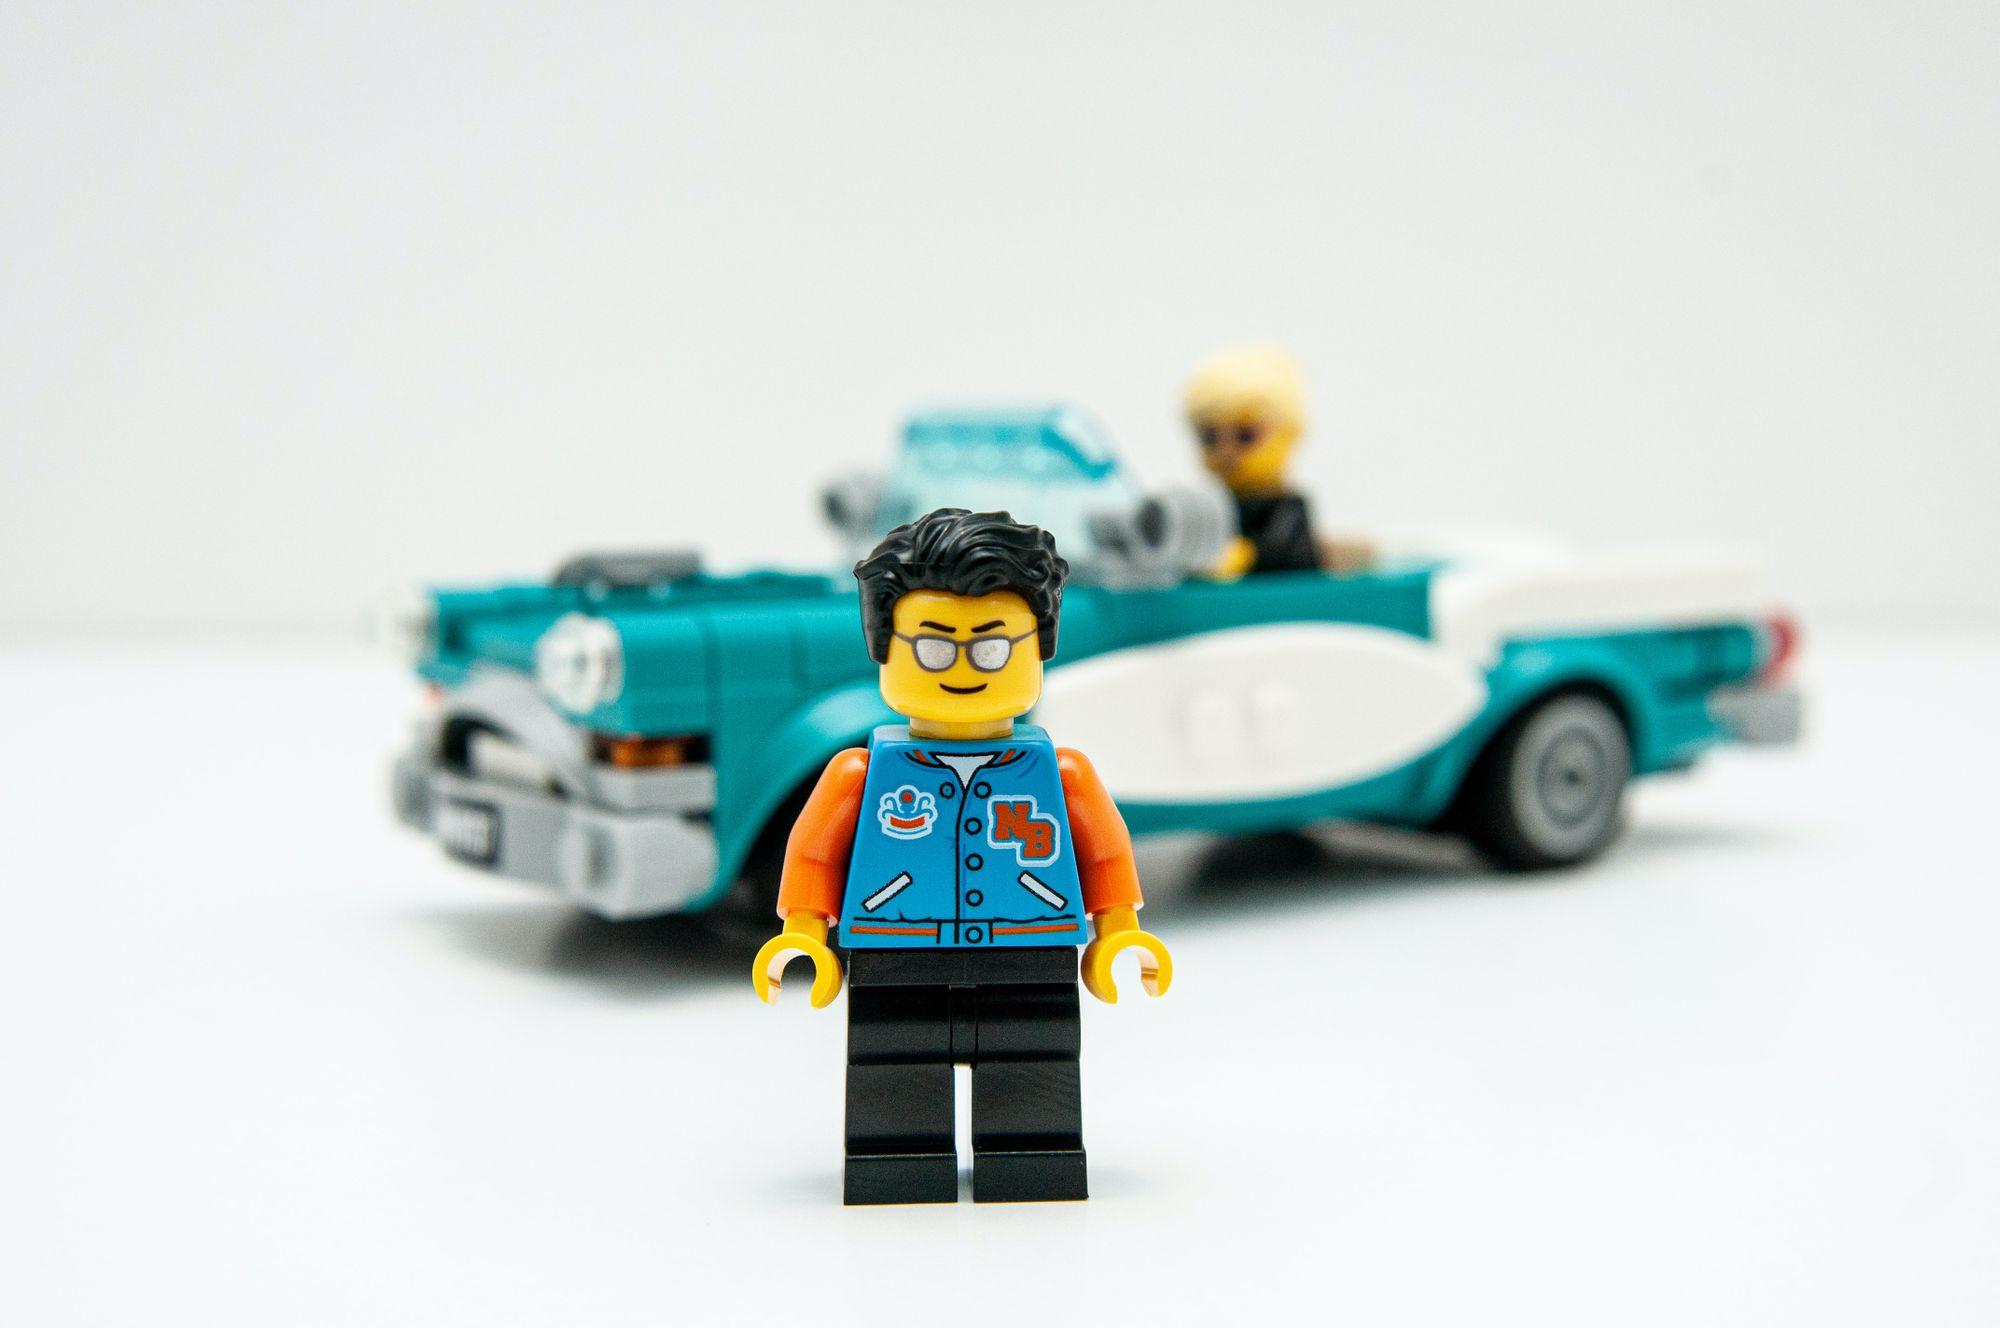 φιγούρα playmobli με αυτοκίνητο